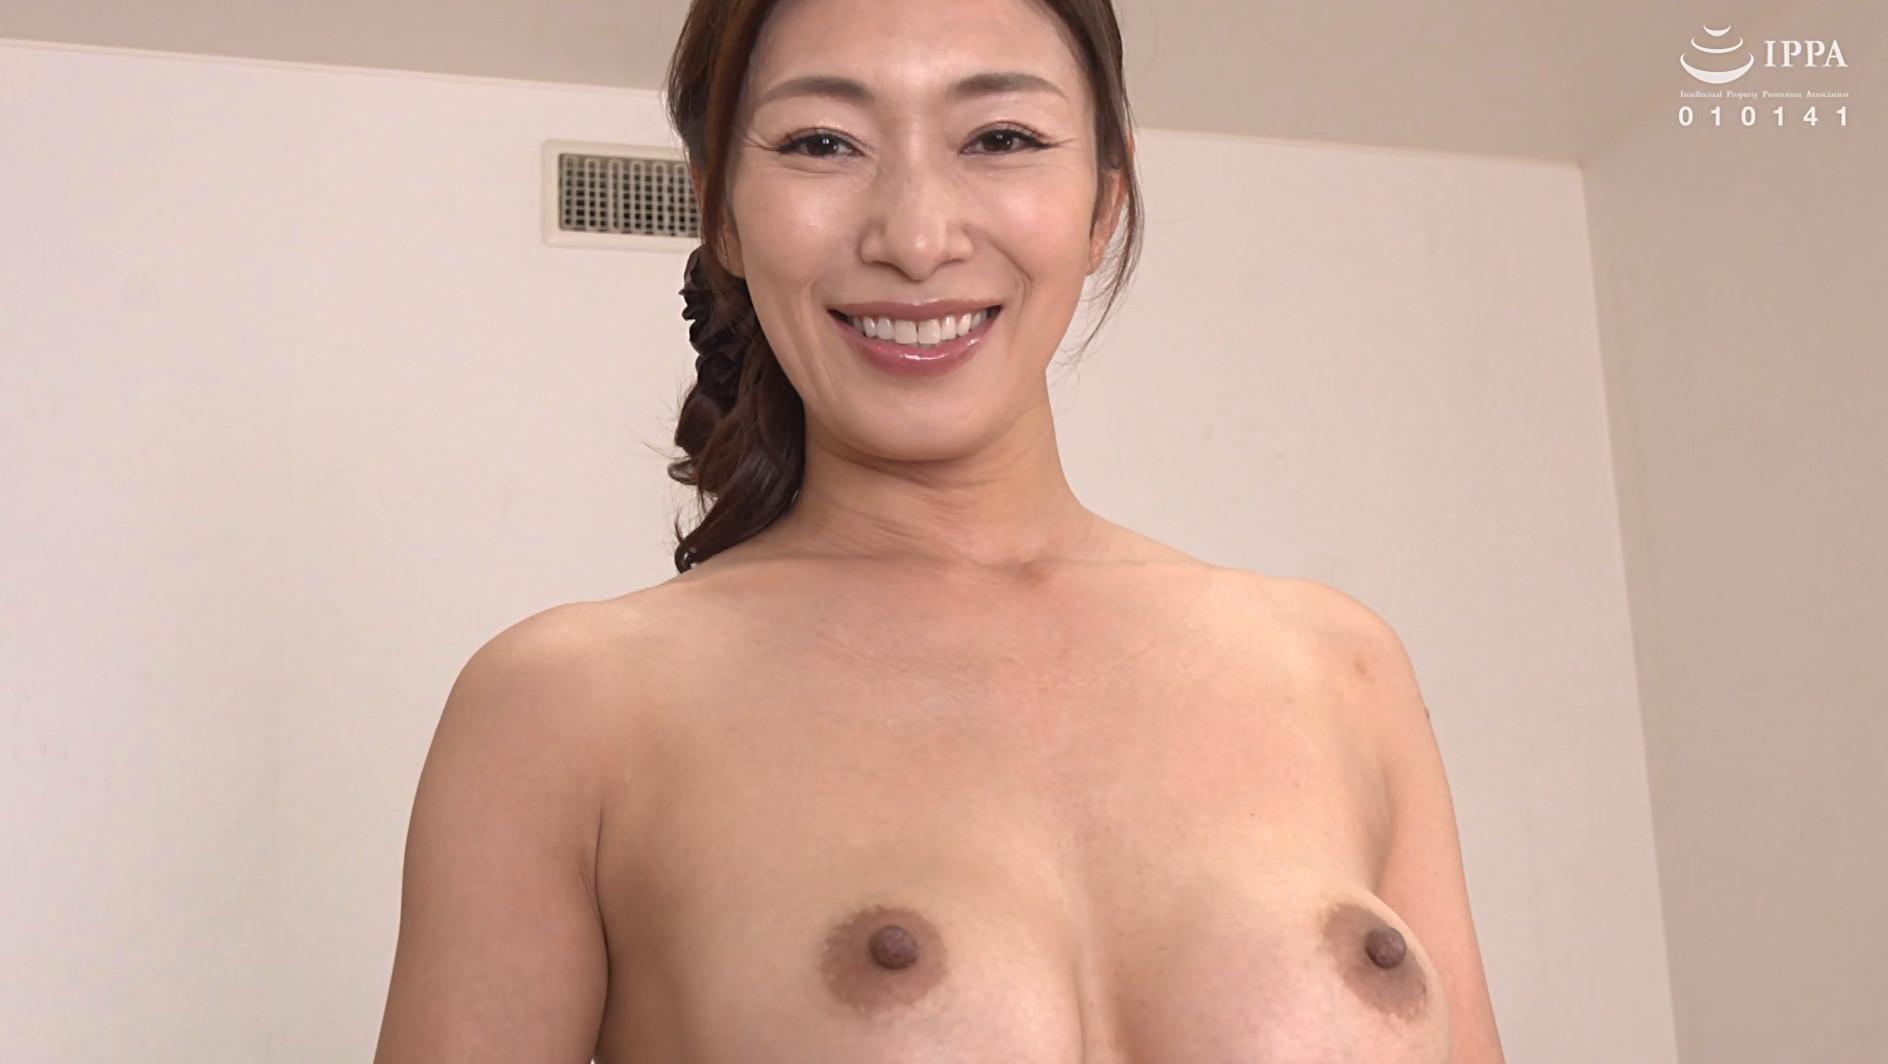 偶然見てしまったおばさんの裸体が目に焼き付いて・・・あの日からおばさんが服を着ていても全裸に見えてしまう僕 小早川怜子 画像3